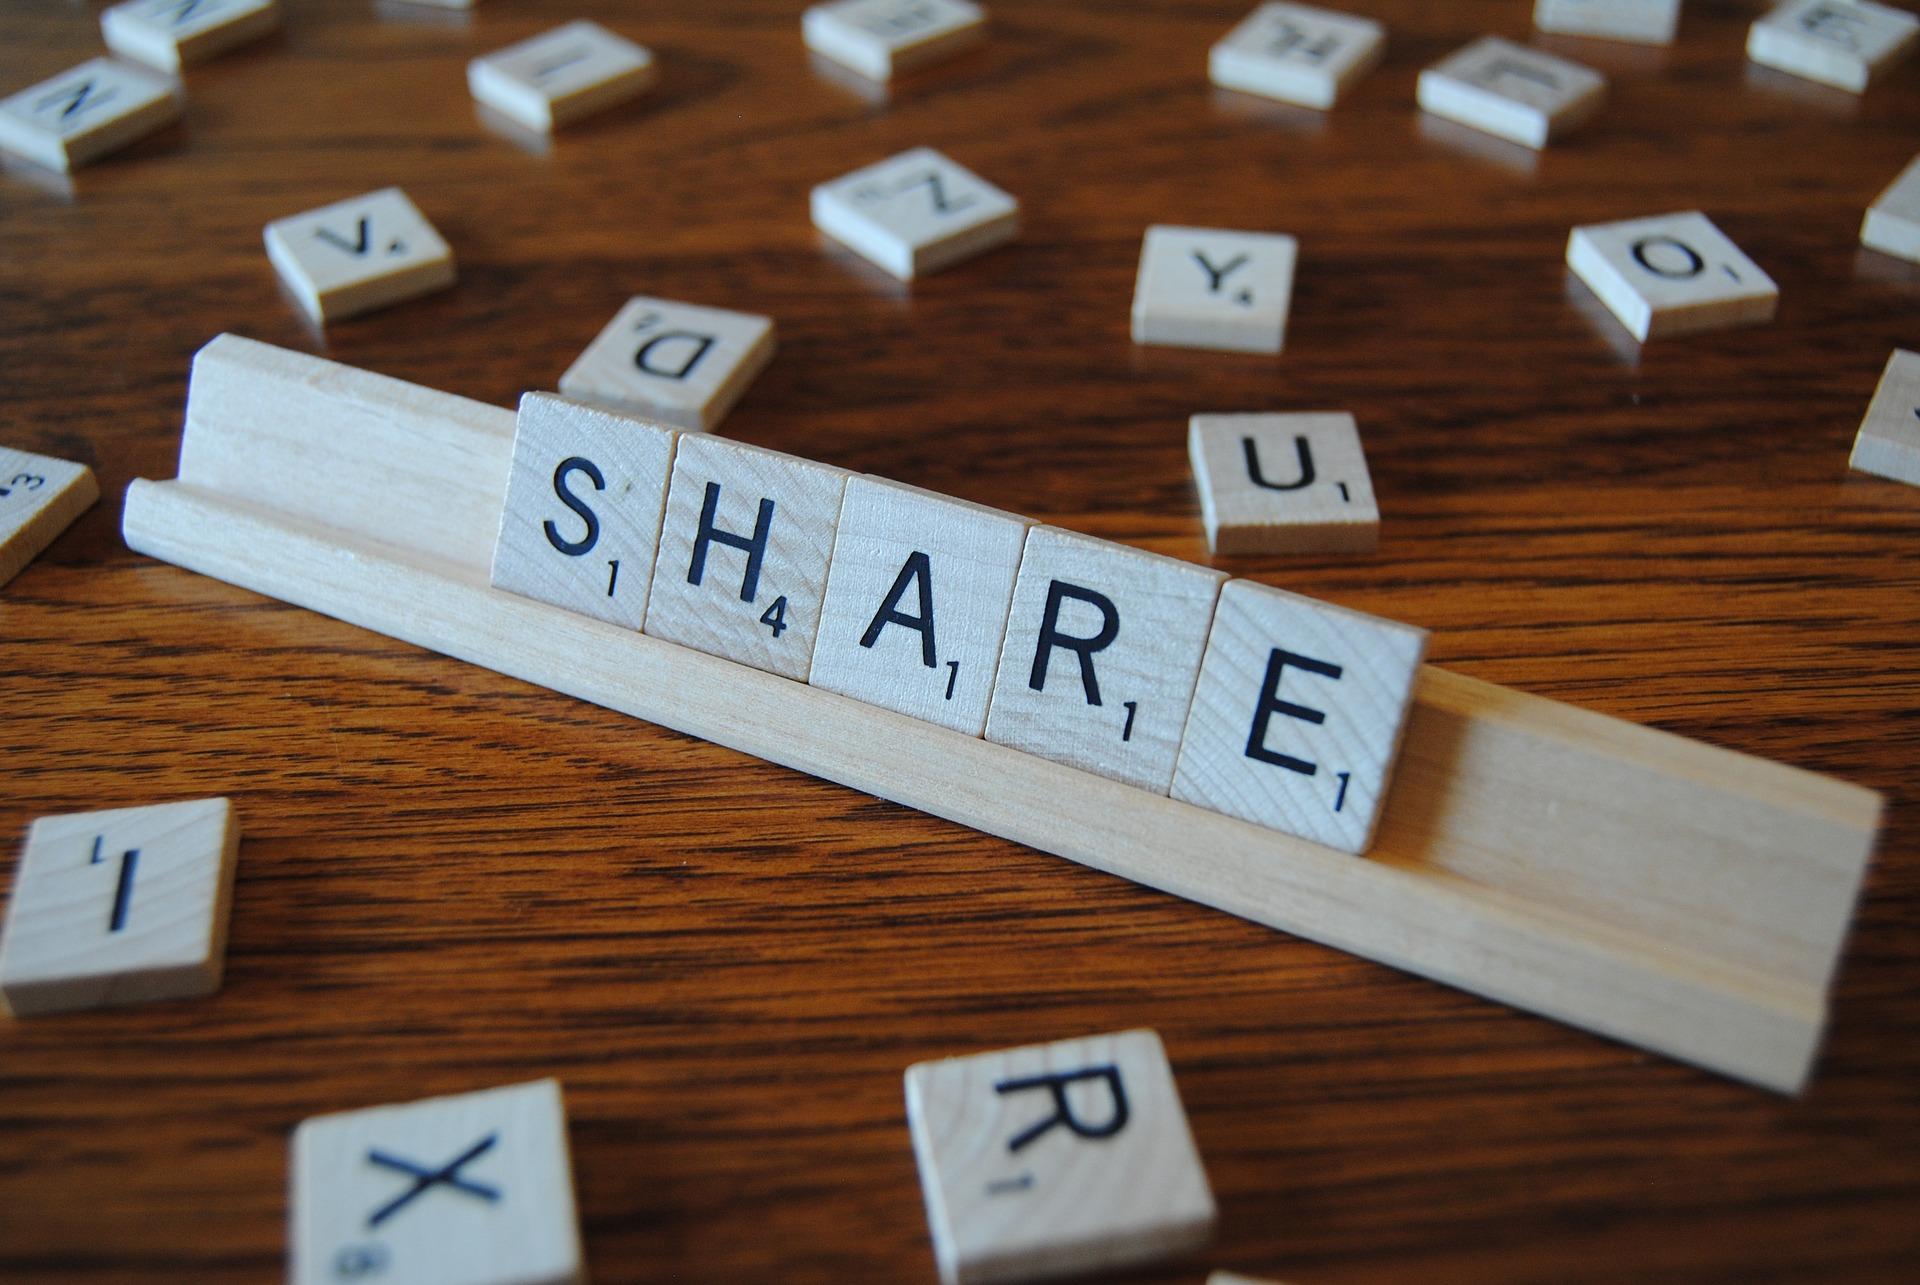 Content Marketing bedeutet Wissen und Informationen gratis teilen und dafür Aufmerksamkeit bei seiner Zielgruppe erreichen